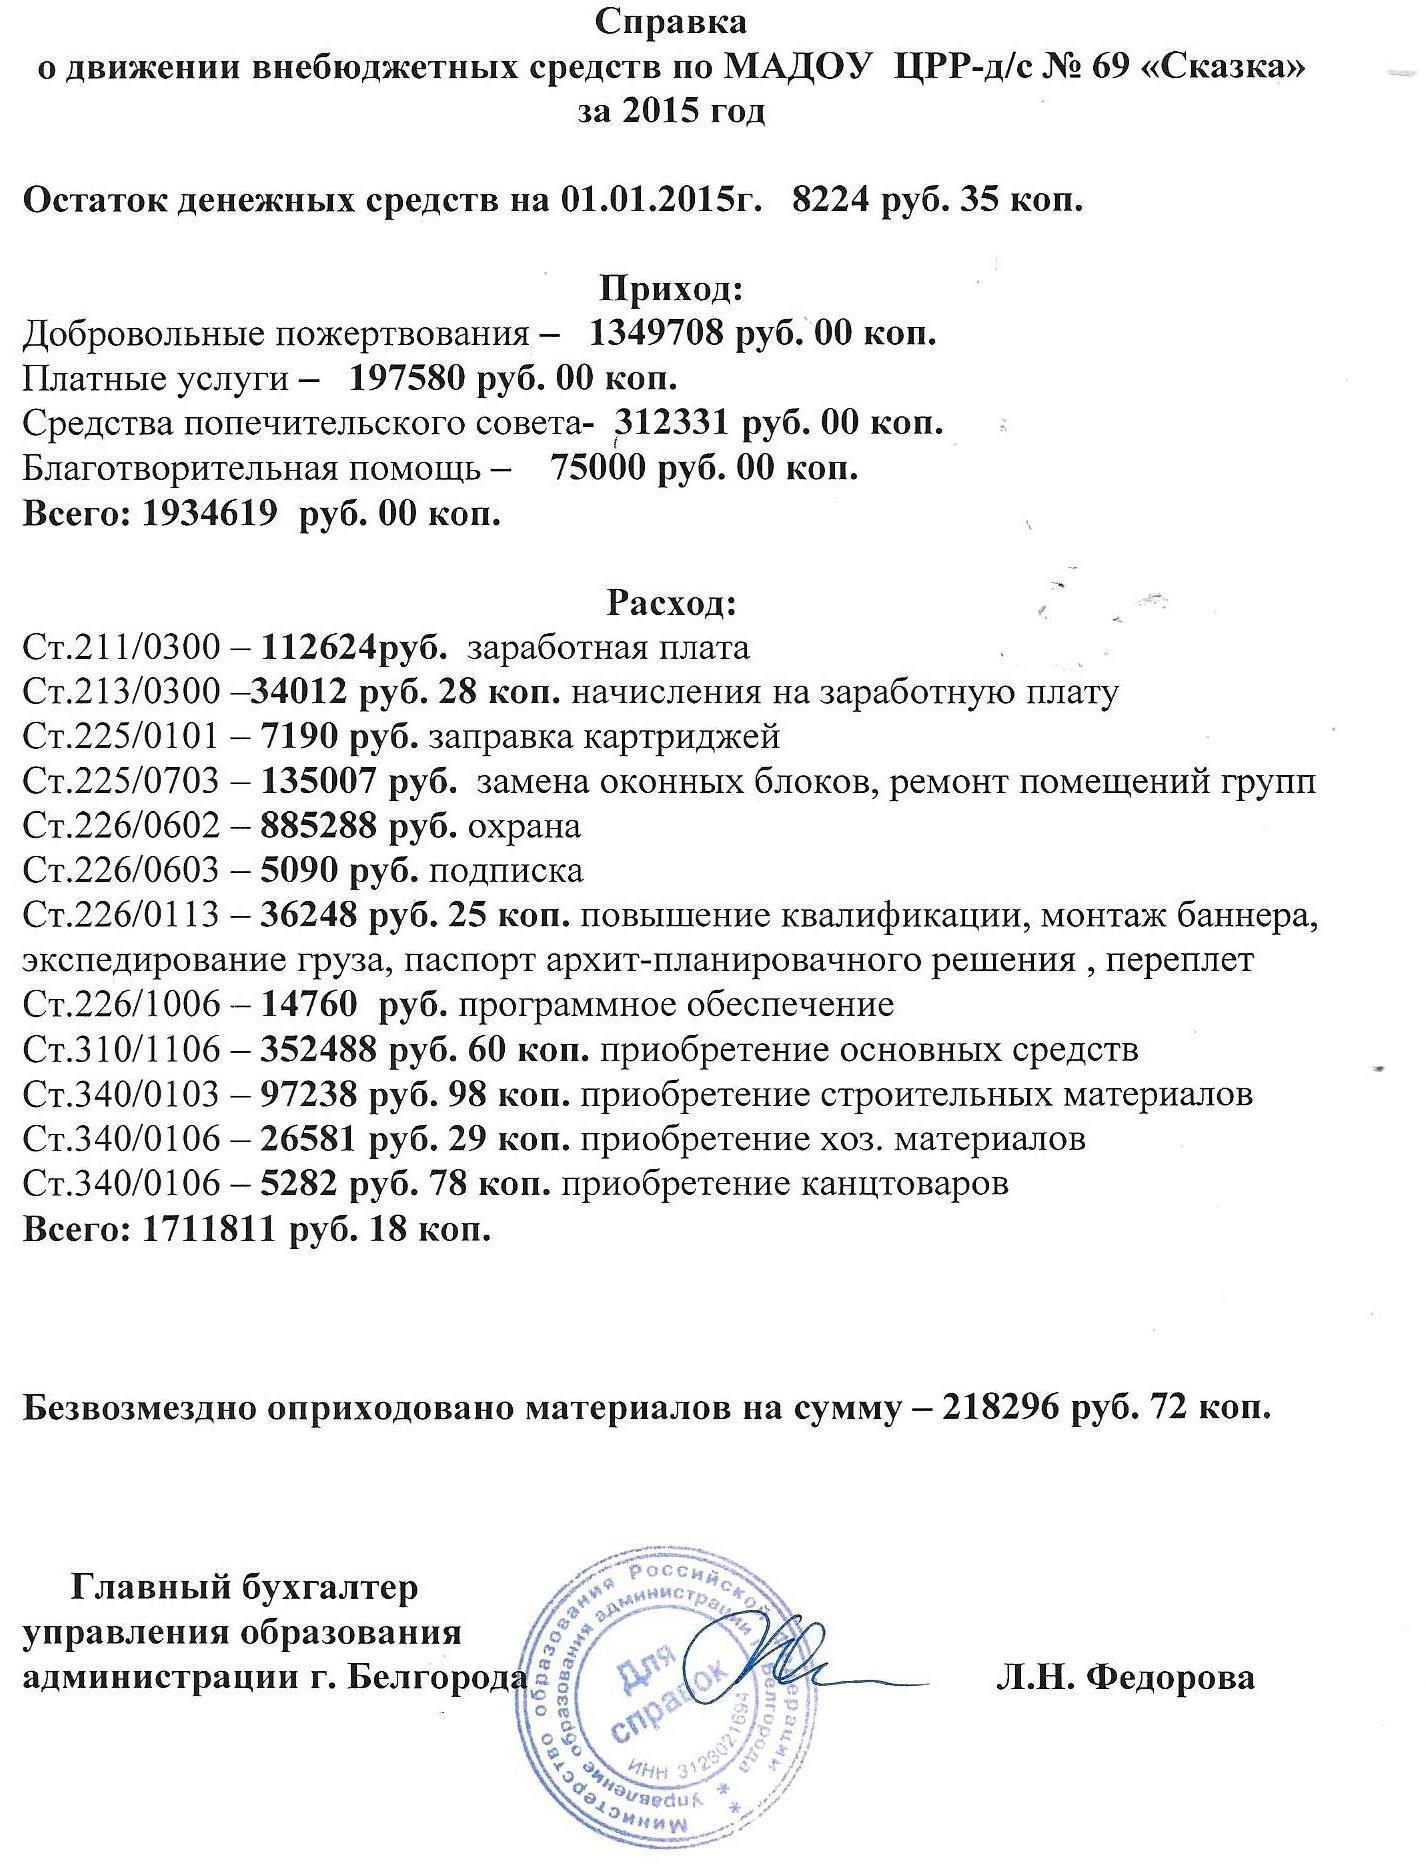 Справка о движении внебюджетных средств за 2015 г.